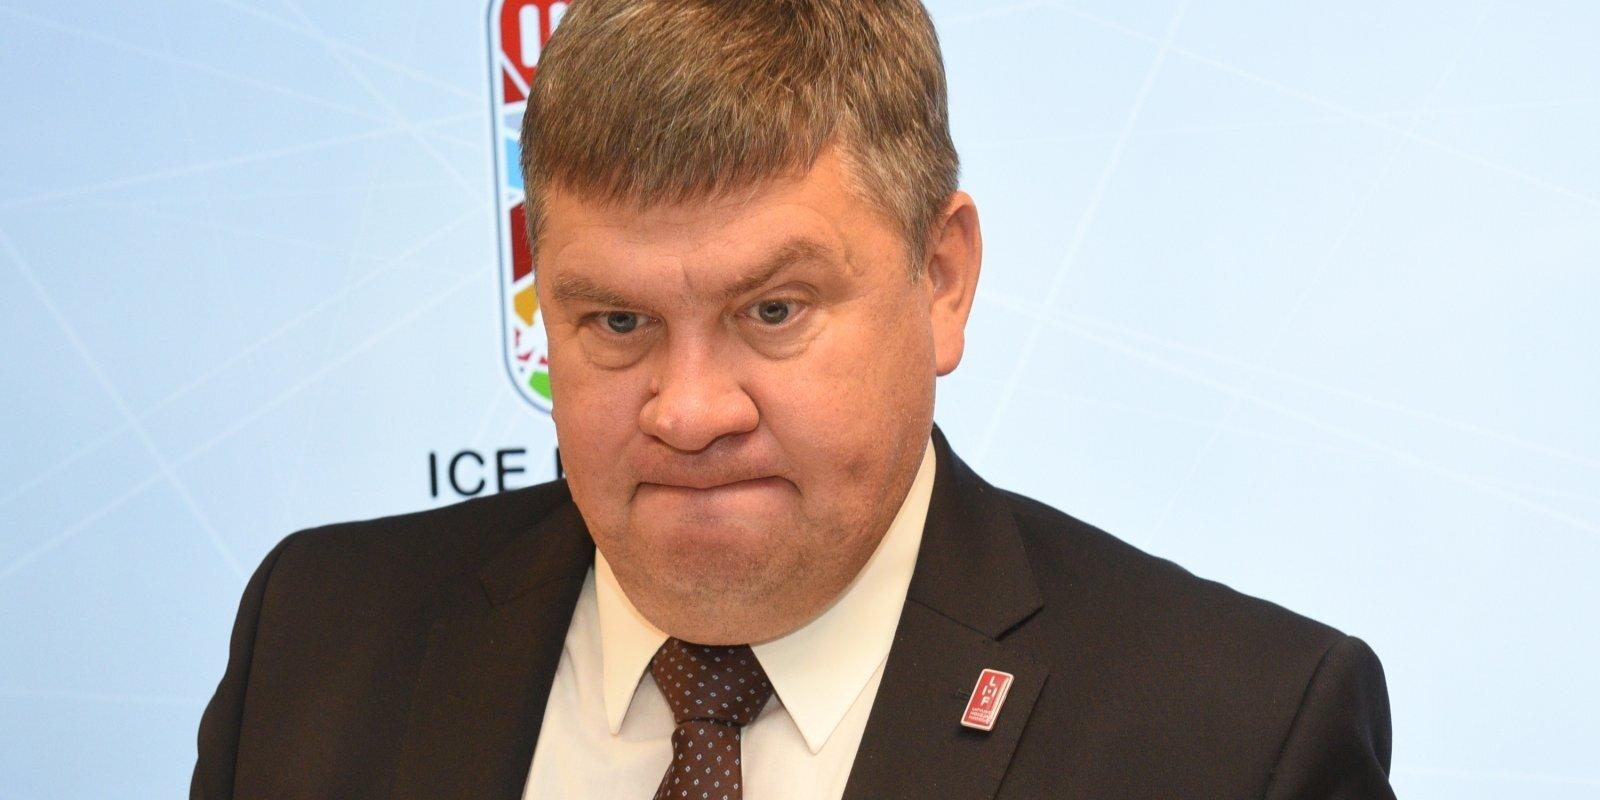 Хоккей без Лукашенко? Что будет с чемпионатом мира, который Латвия должна провести вместе с Беларусью